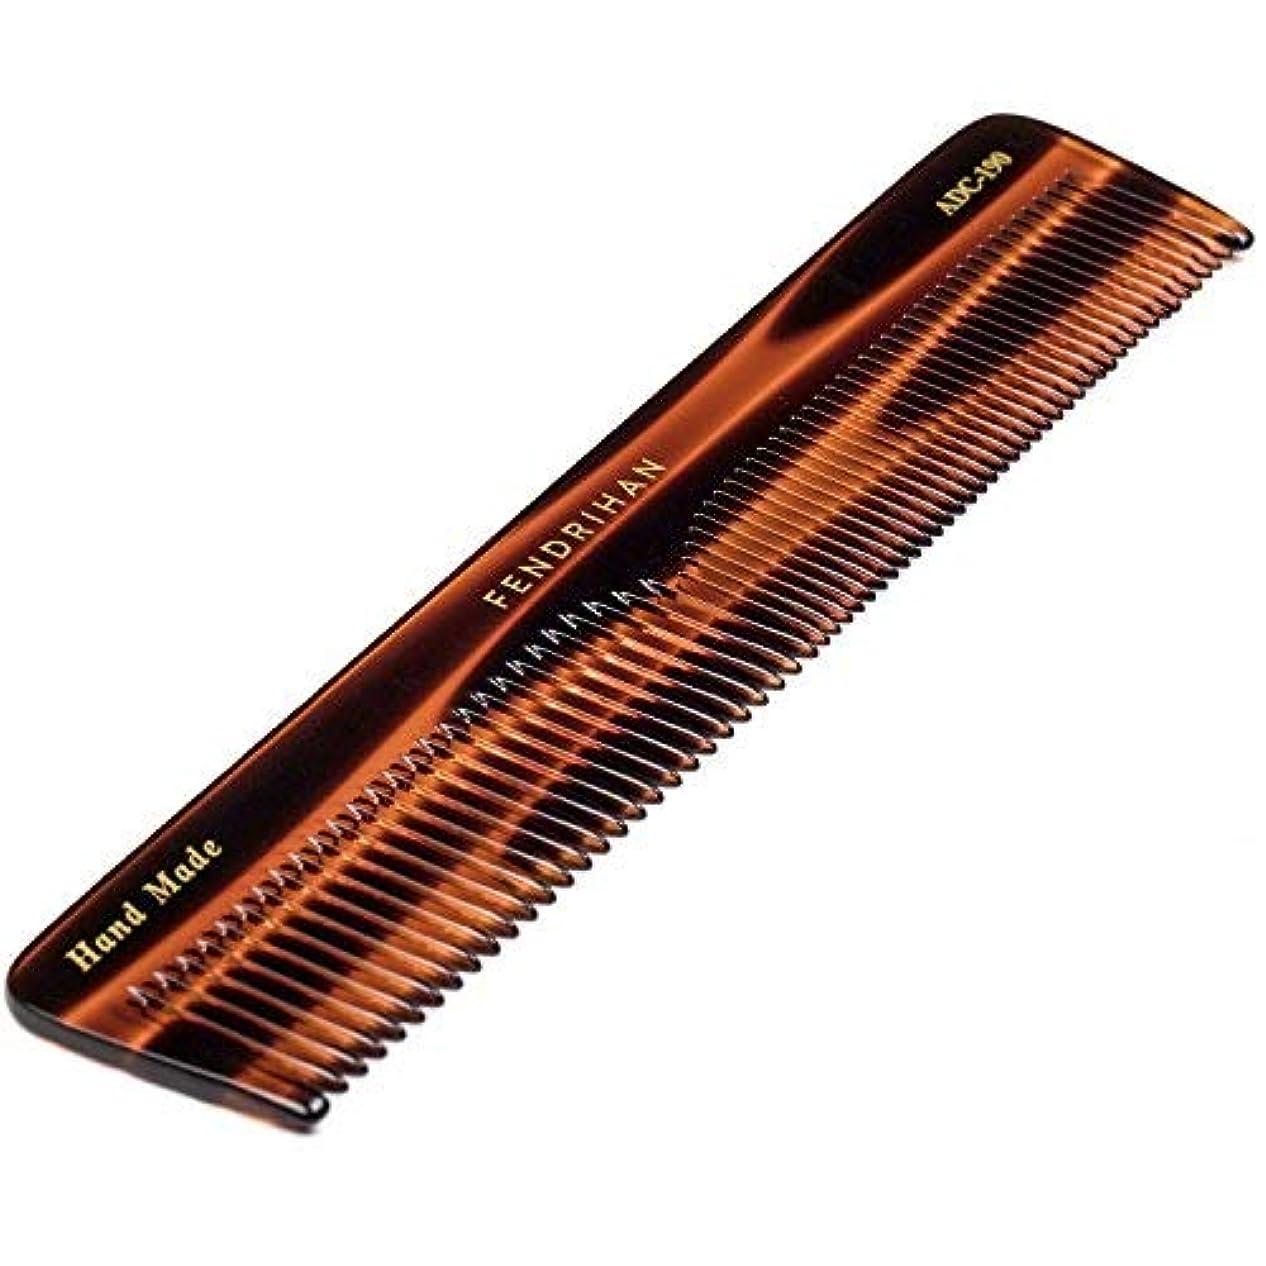 大量オズワルド積分Fendrihan Hand Finished Large Double Tooth Comb for Men, Faux Tortoise (7.3 Inches) [並行輸入品]